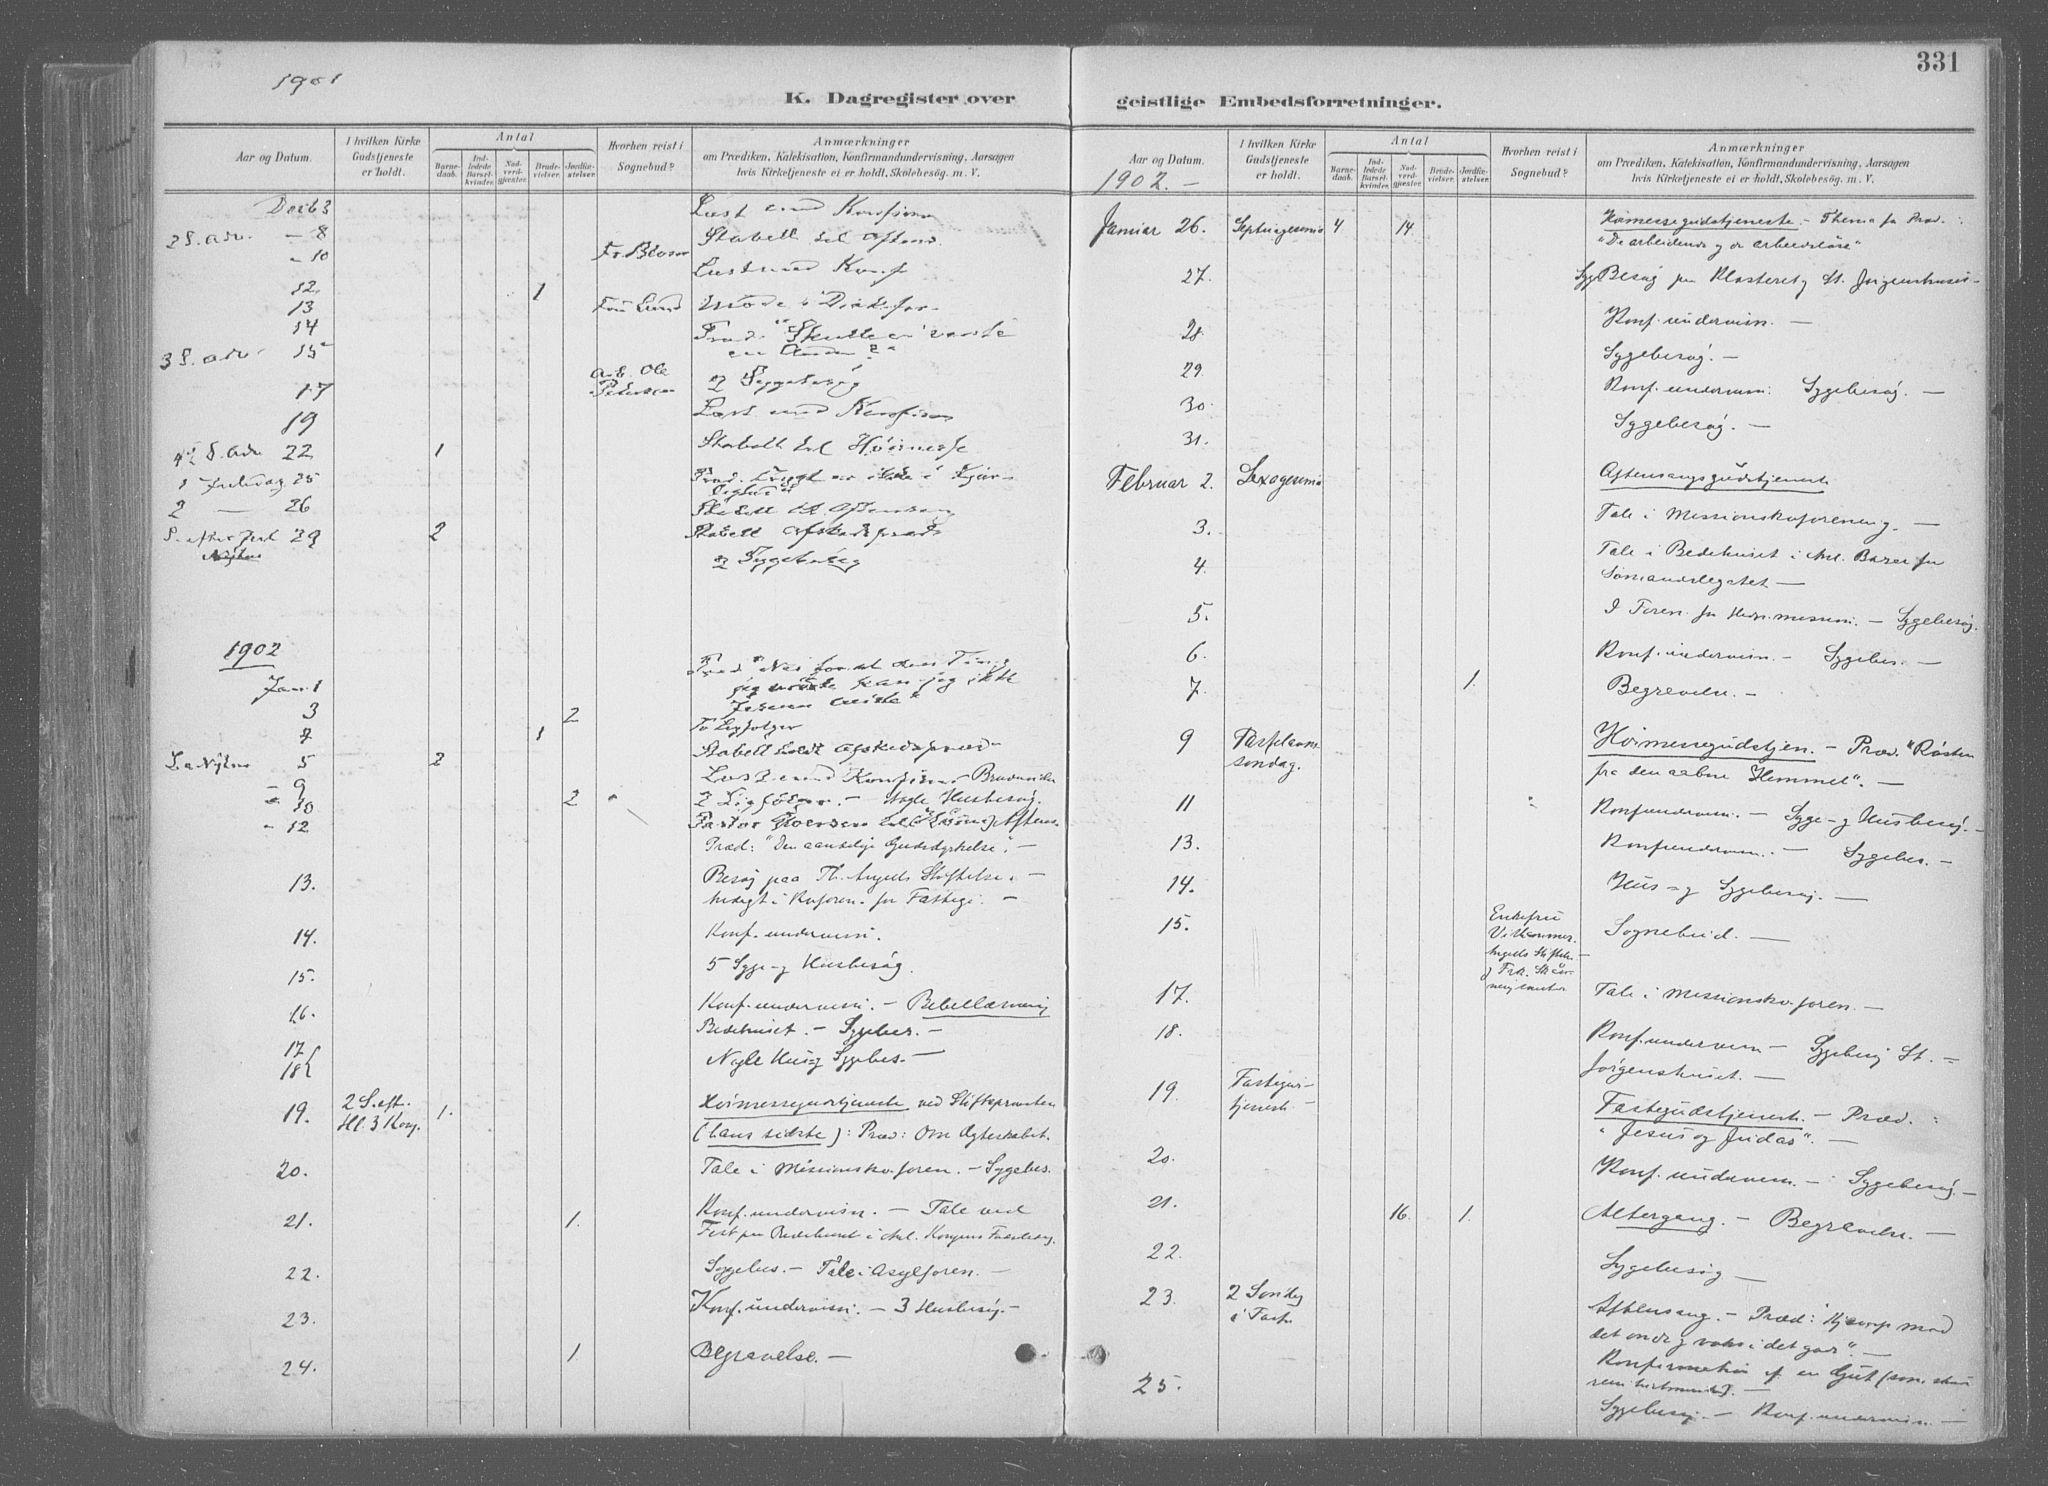 SAT, Ministerialprotokoller, klokkerbøker og fødselsregistre - Sør-Trøndelag, 601/L0064: Ministerialbok nr. 601A31, 1891-1911, s. 331